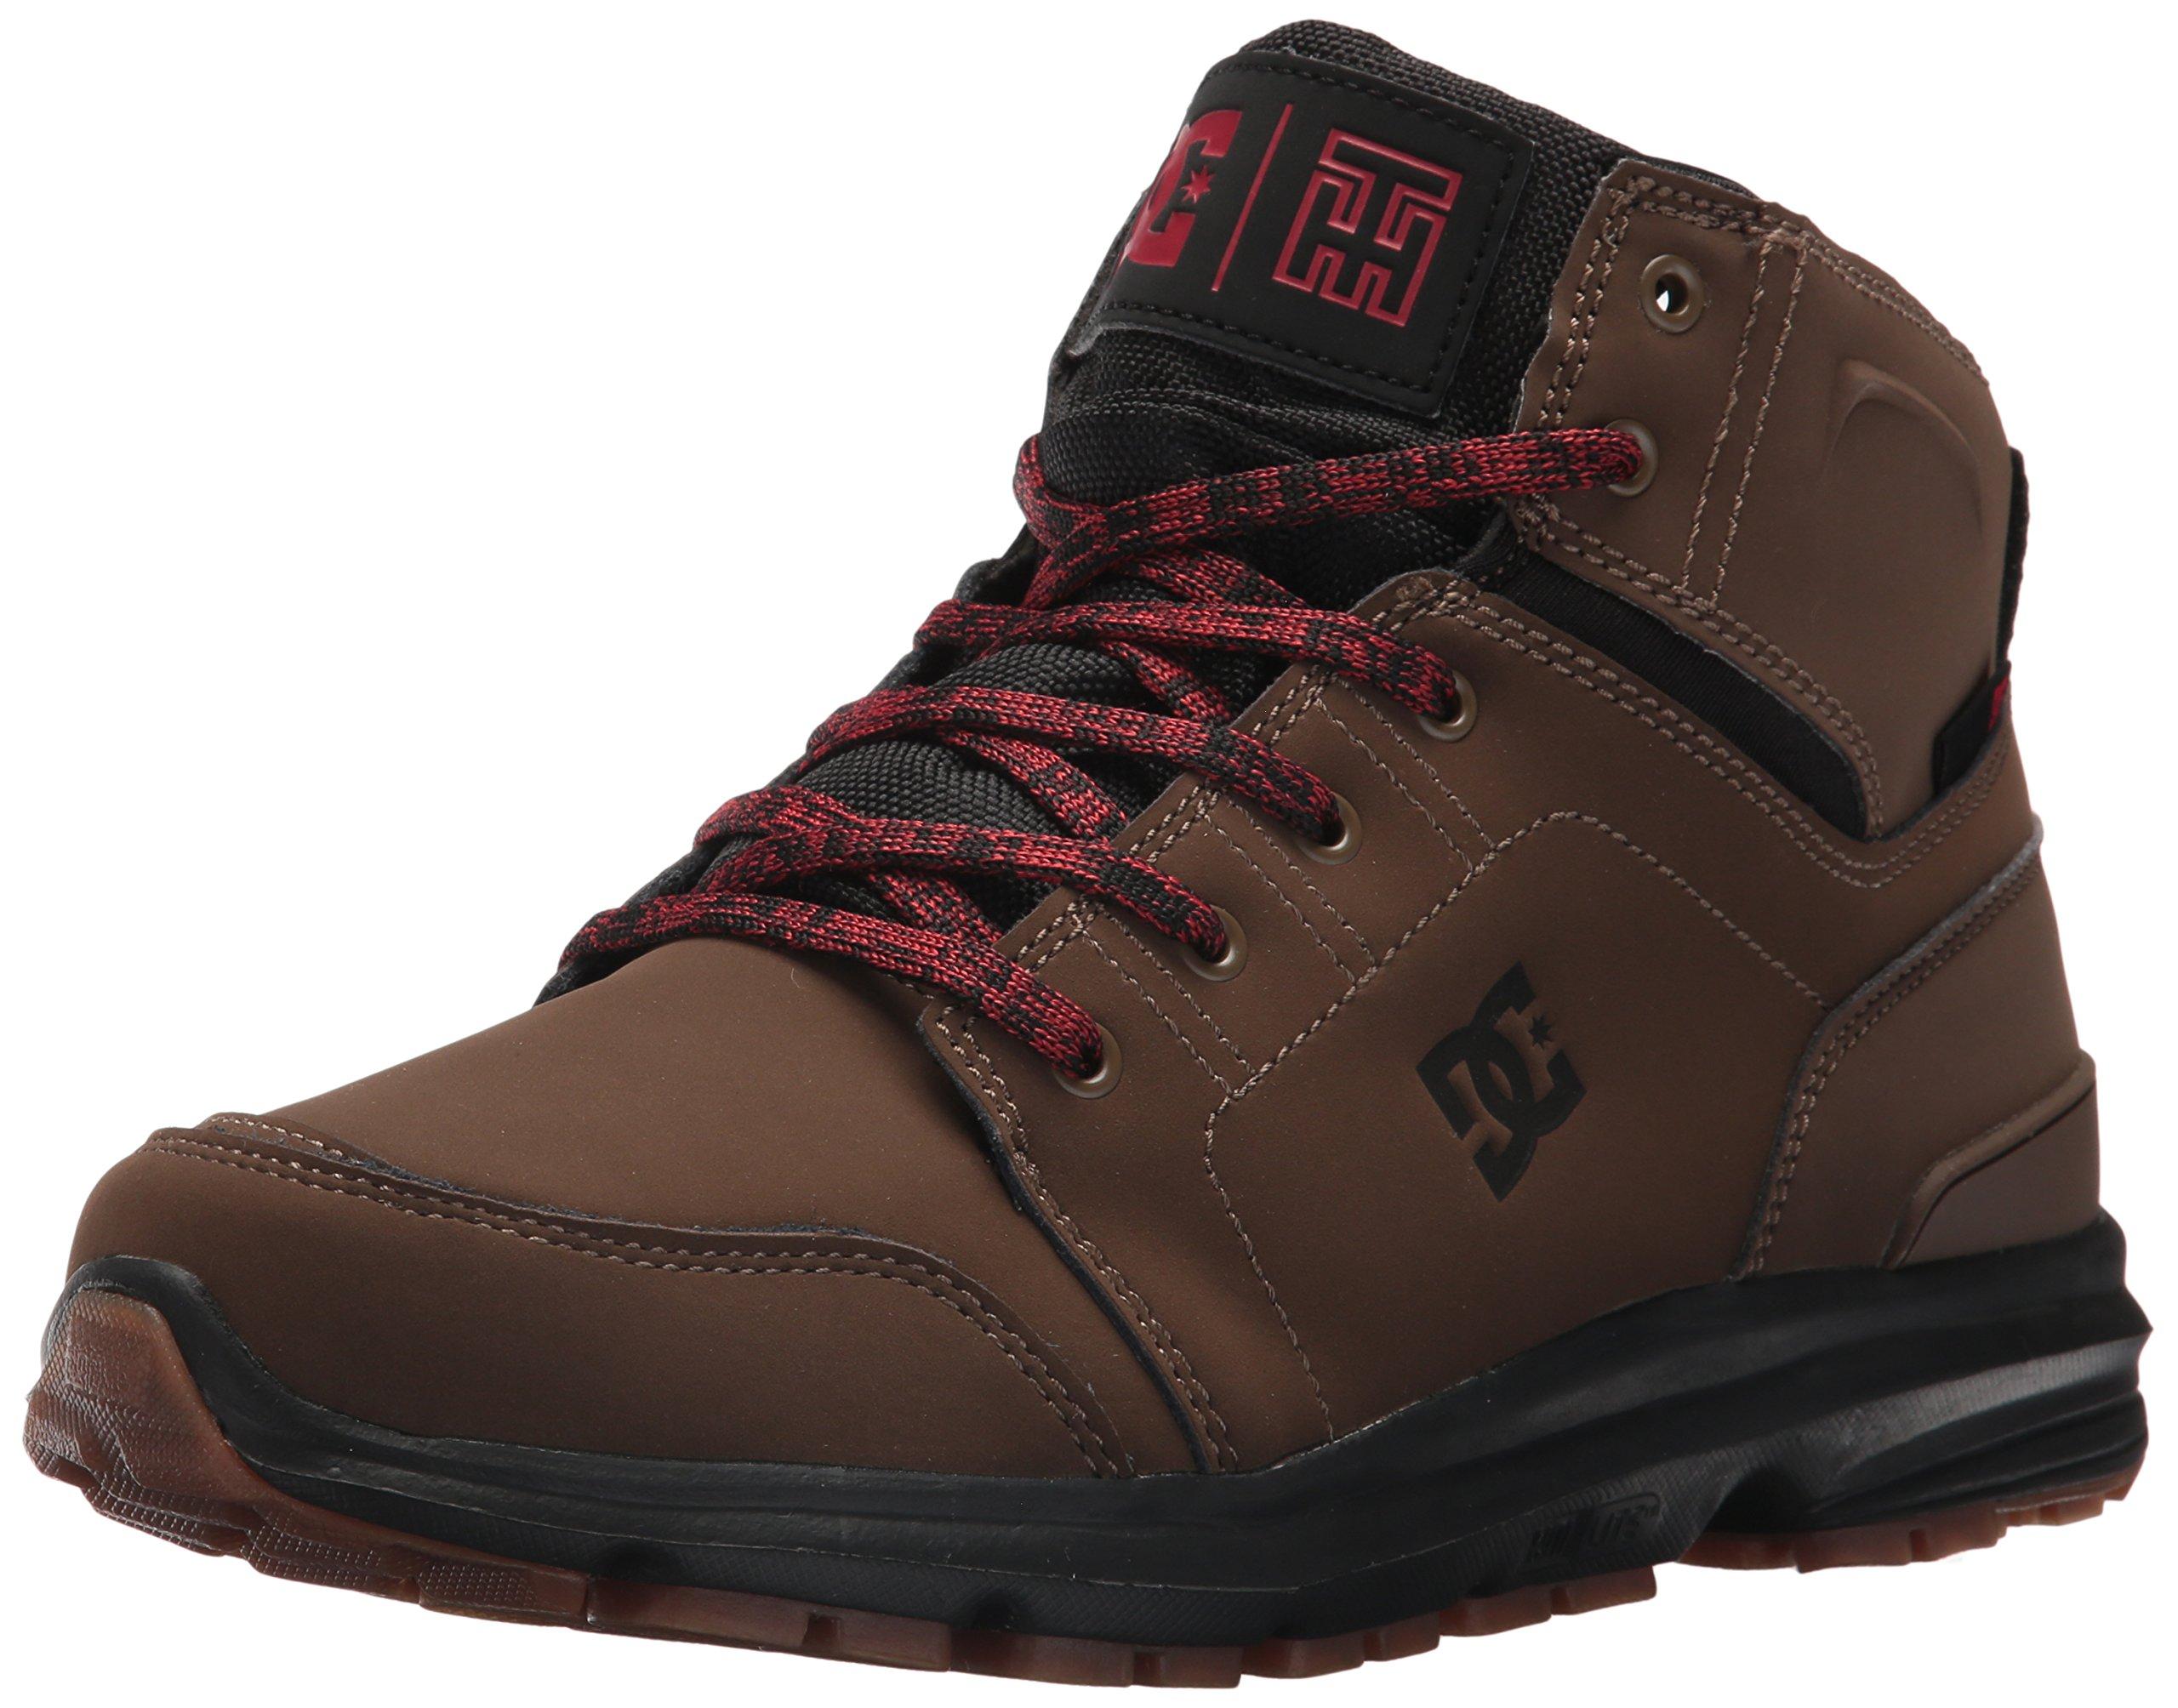 DC Men's Torstein Ankle Boot, Dark Chocolate, 11 D D US